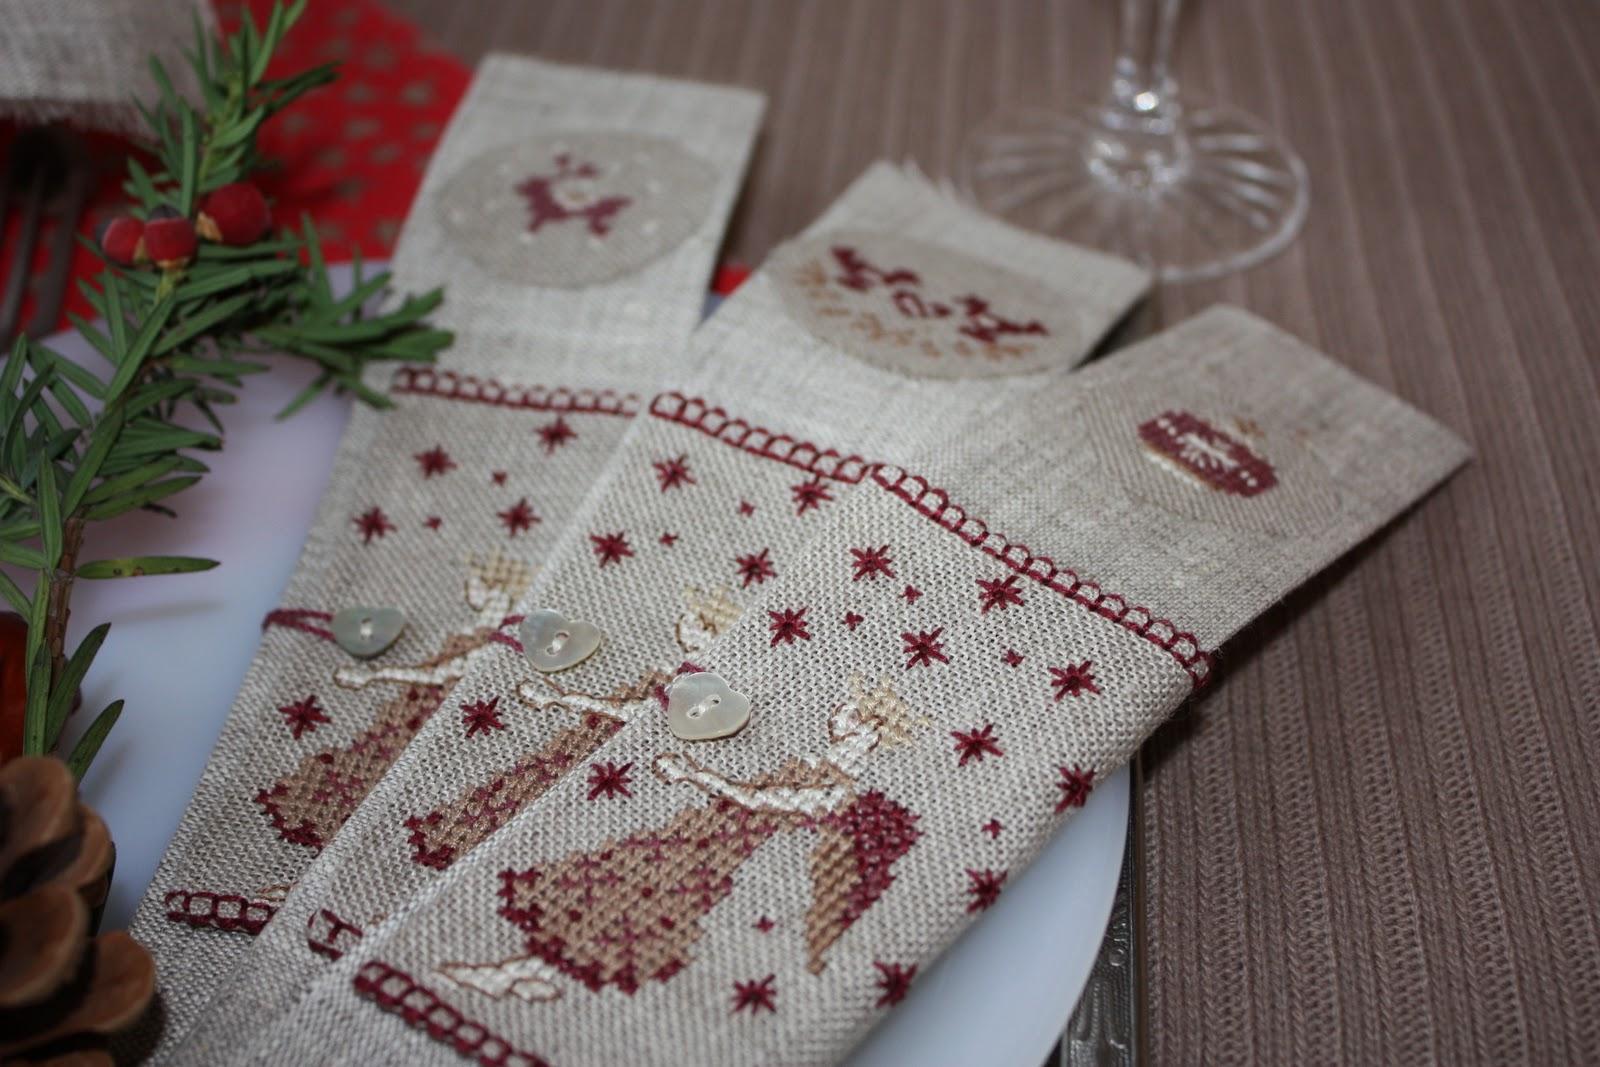 Вышивка скатерти на заказ коллекция схем - Промвышивка 31